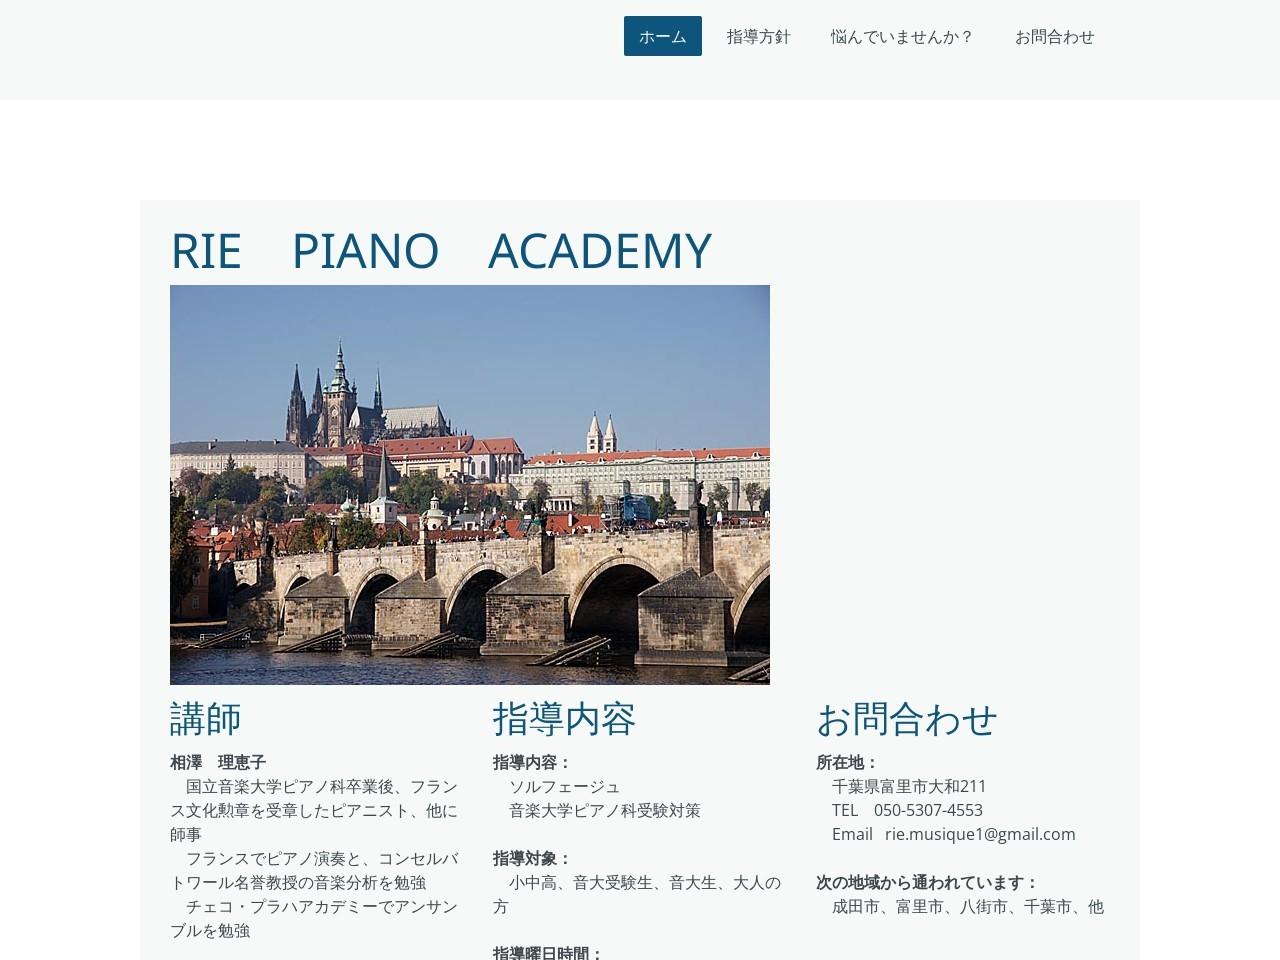 リエピアノアカデミーのサムネイル